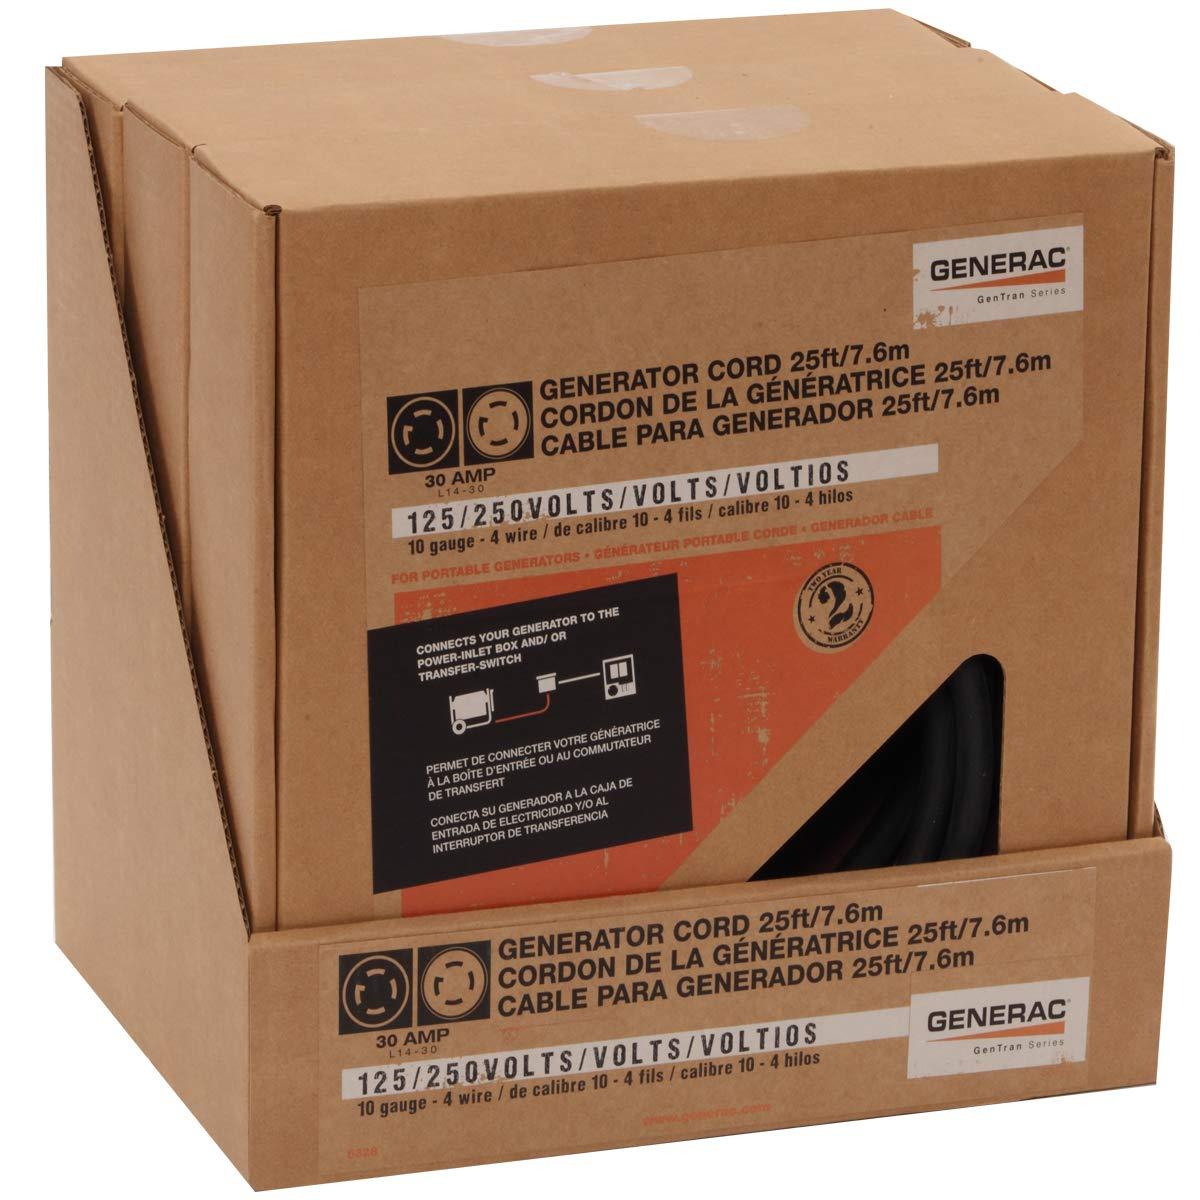 Generac 6328 25-Foot 30-Amp Generator Cord with NEMA L14-30 Ends for Maximum 7,500 Watt Generators